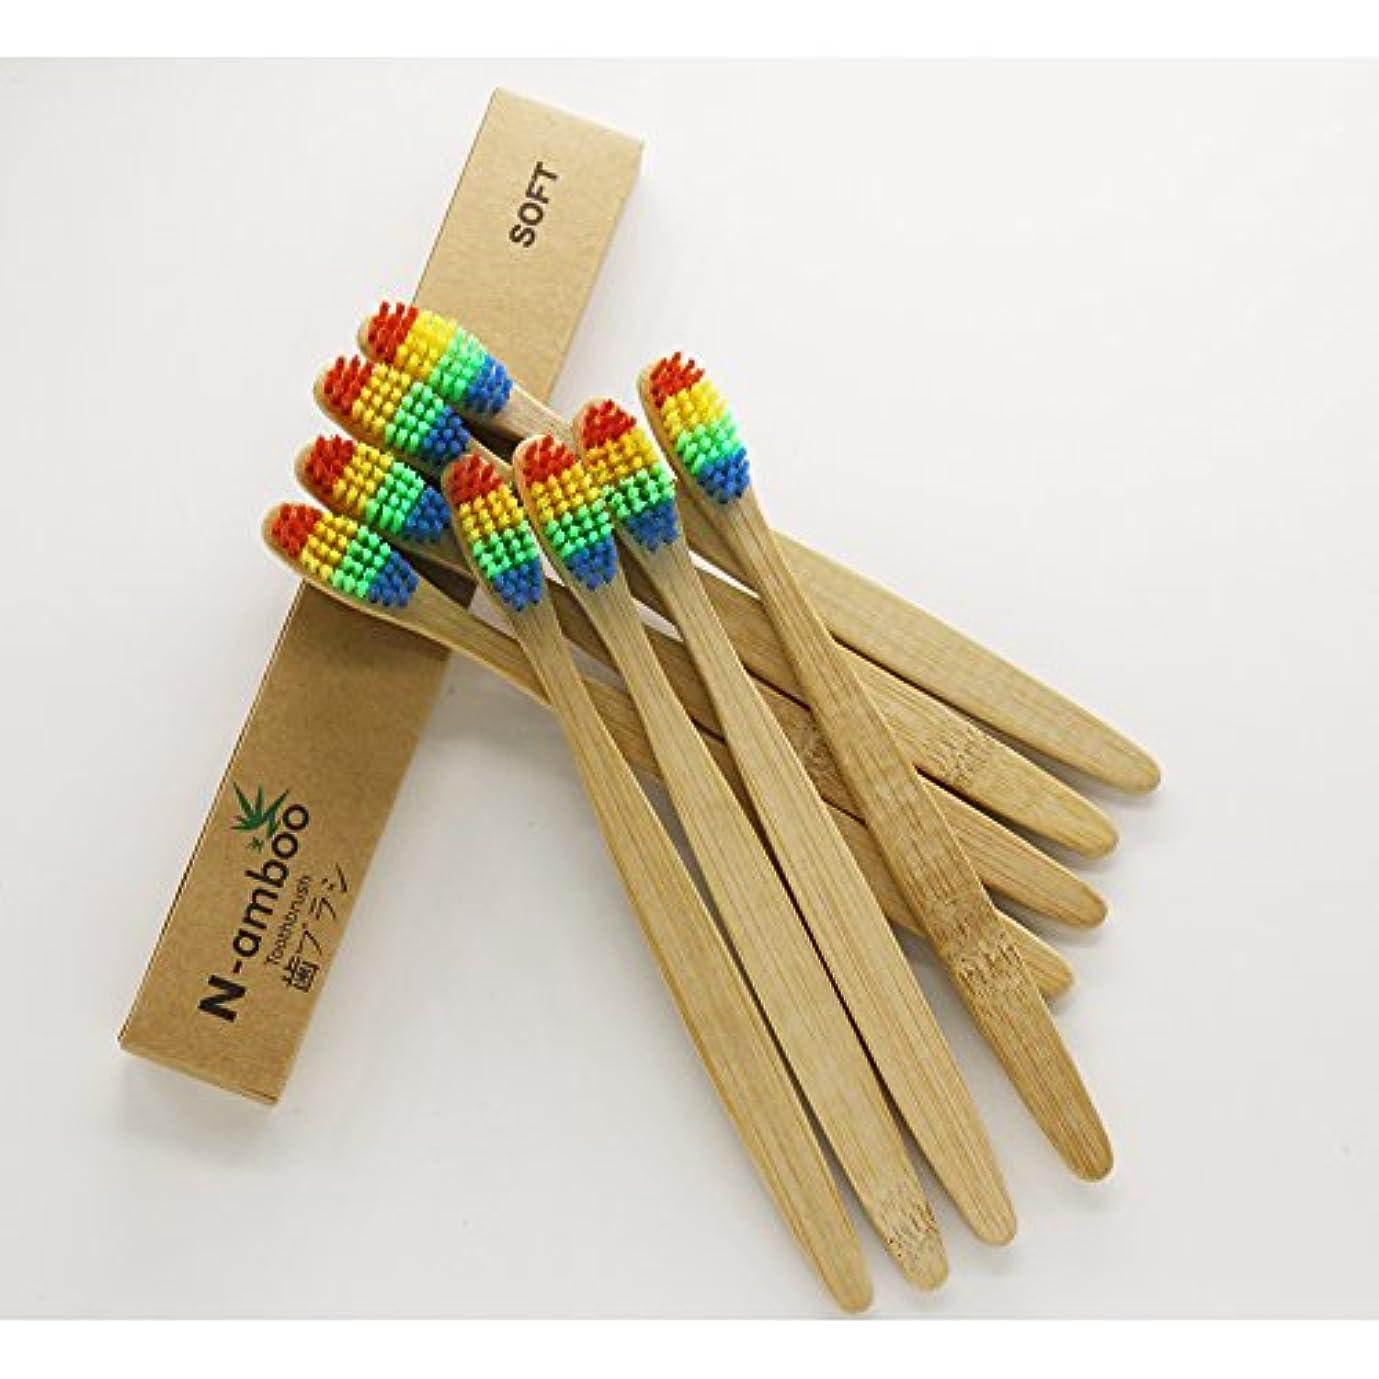 ダーベビルのテス十代コマースN-amboo 竹製 耐久度高い 歯ブラシ 四色 虹(にじ) 8本入り ファミリー セット